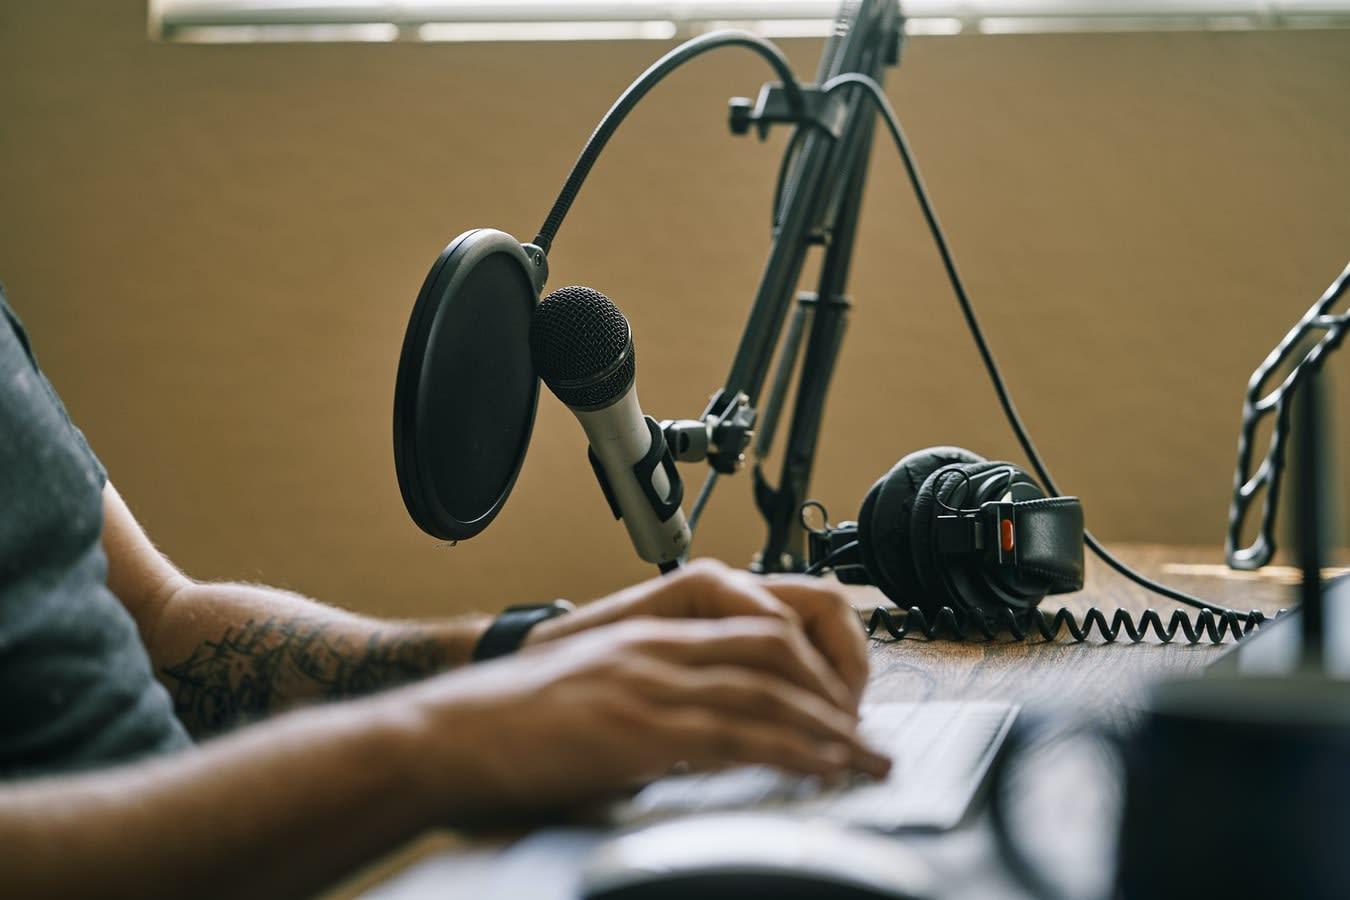 Hände auf dem Tisch, darüber ein Mikrofon